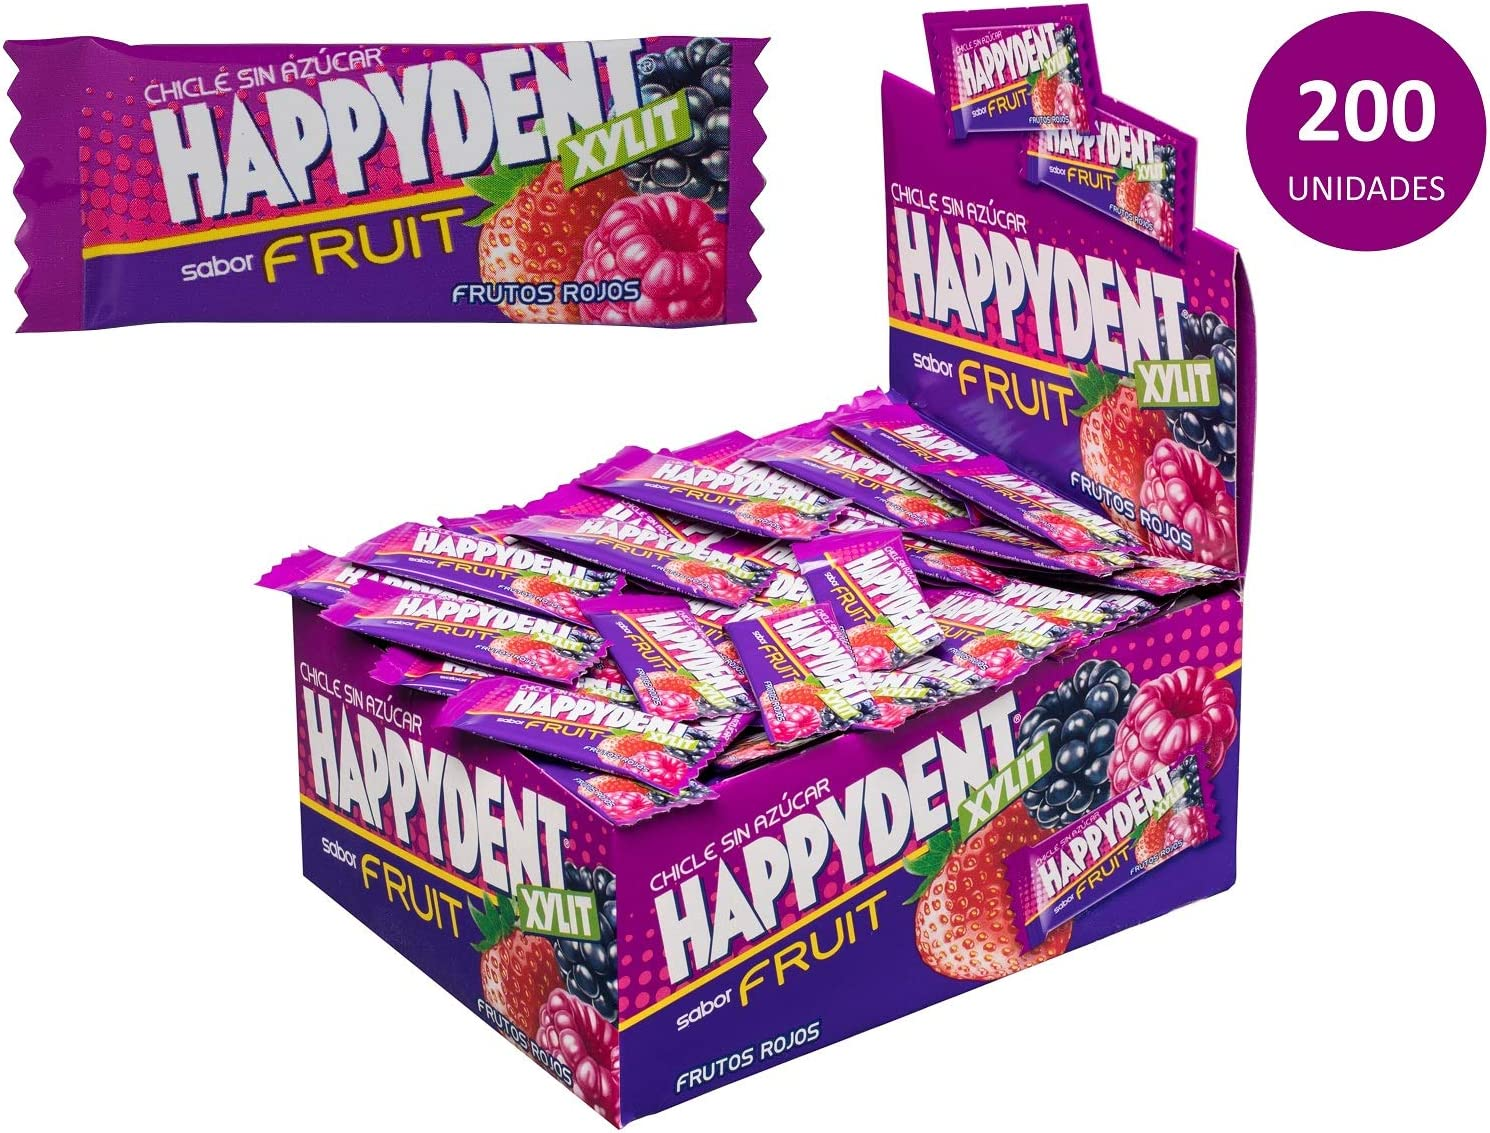 Happydent Frutos Rojos, Chicle Sin Azúcar - 200 unidades: Amazon.es: Alimentación y bebidas